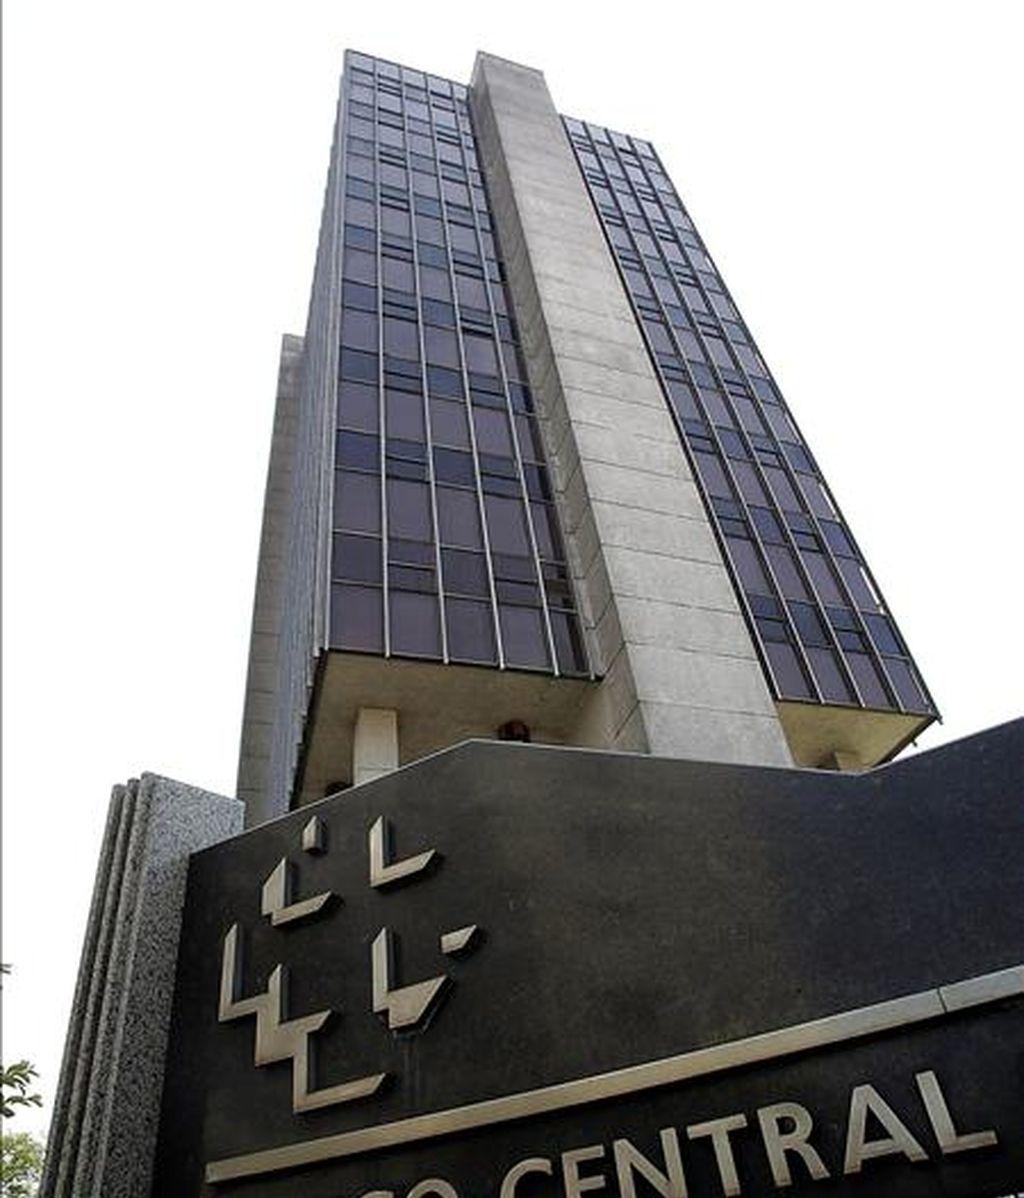 La nueva proyección destaca en la encuesta divulgada hoy por el Banco Central, elaborada el viernes pasado entre un centenar de analistas y economistas de las entidades financieras del país. EFE/Archivo